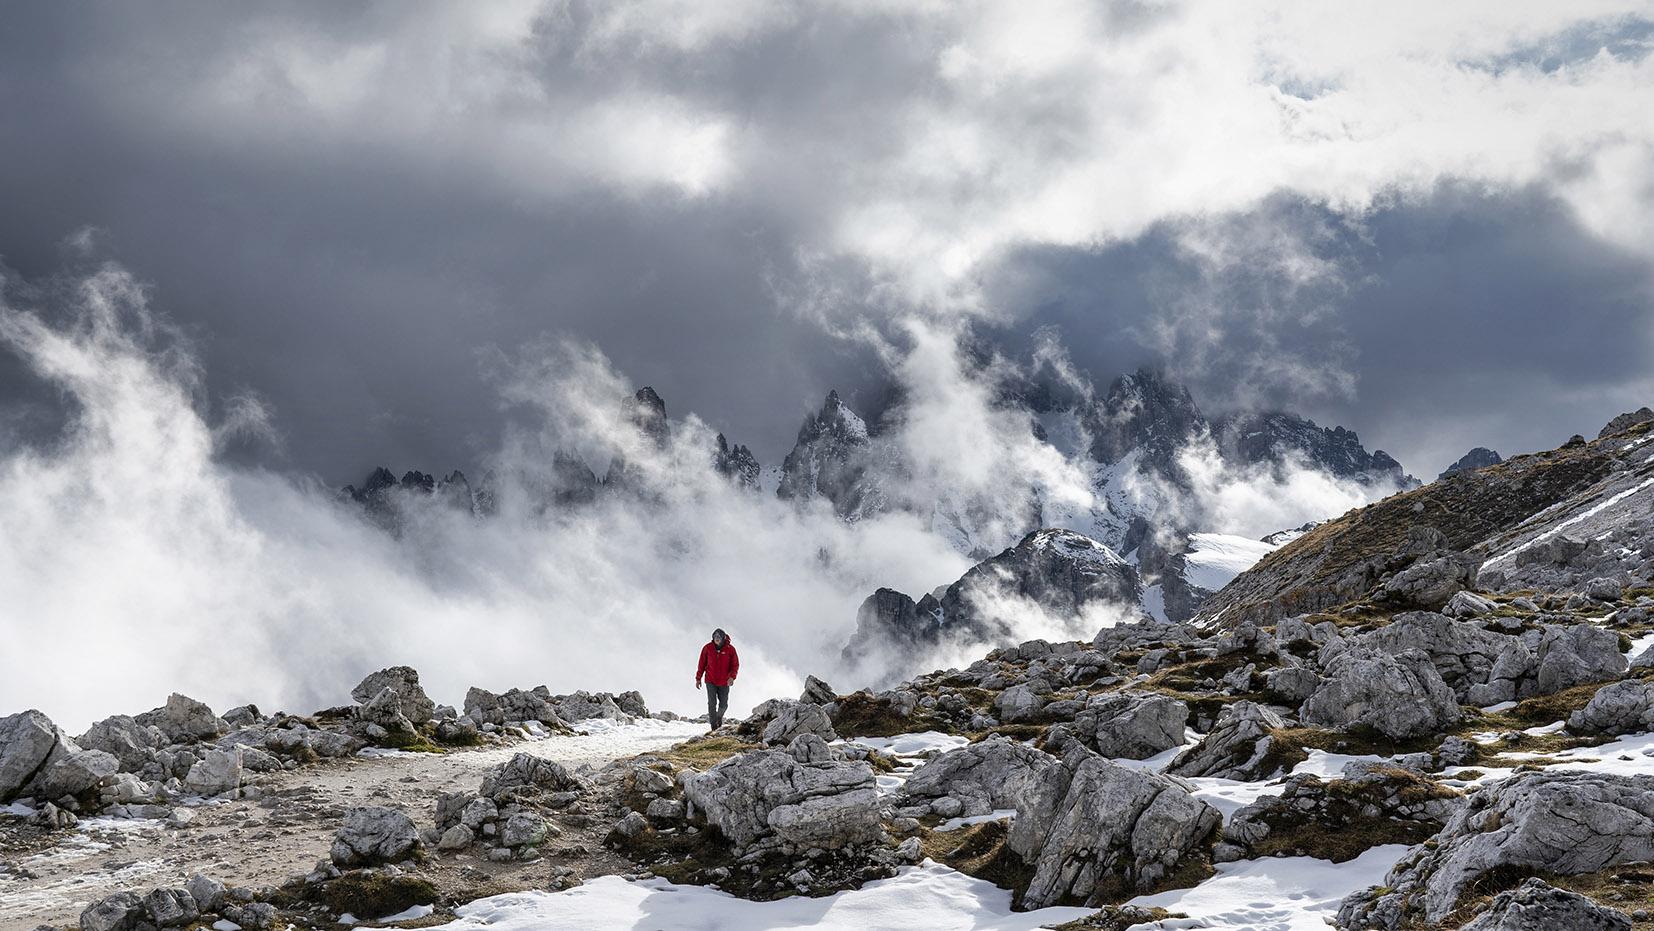 Tre Cime di Lavaredo italie homme manteau rouge marche montagnes nuages